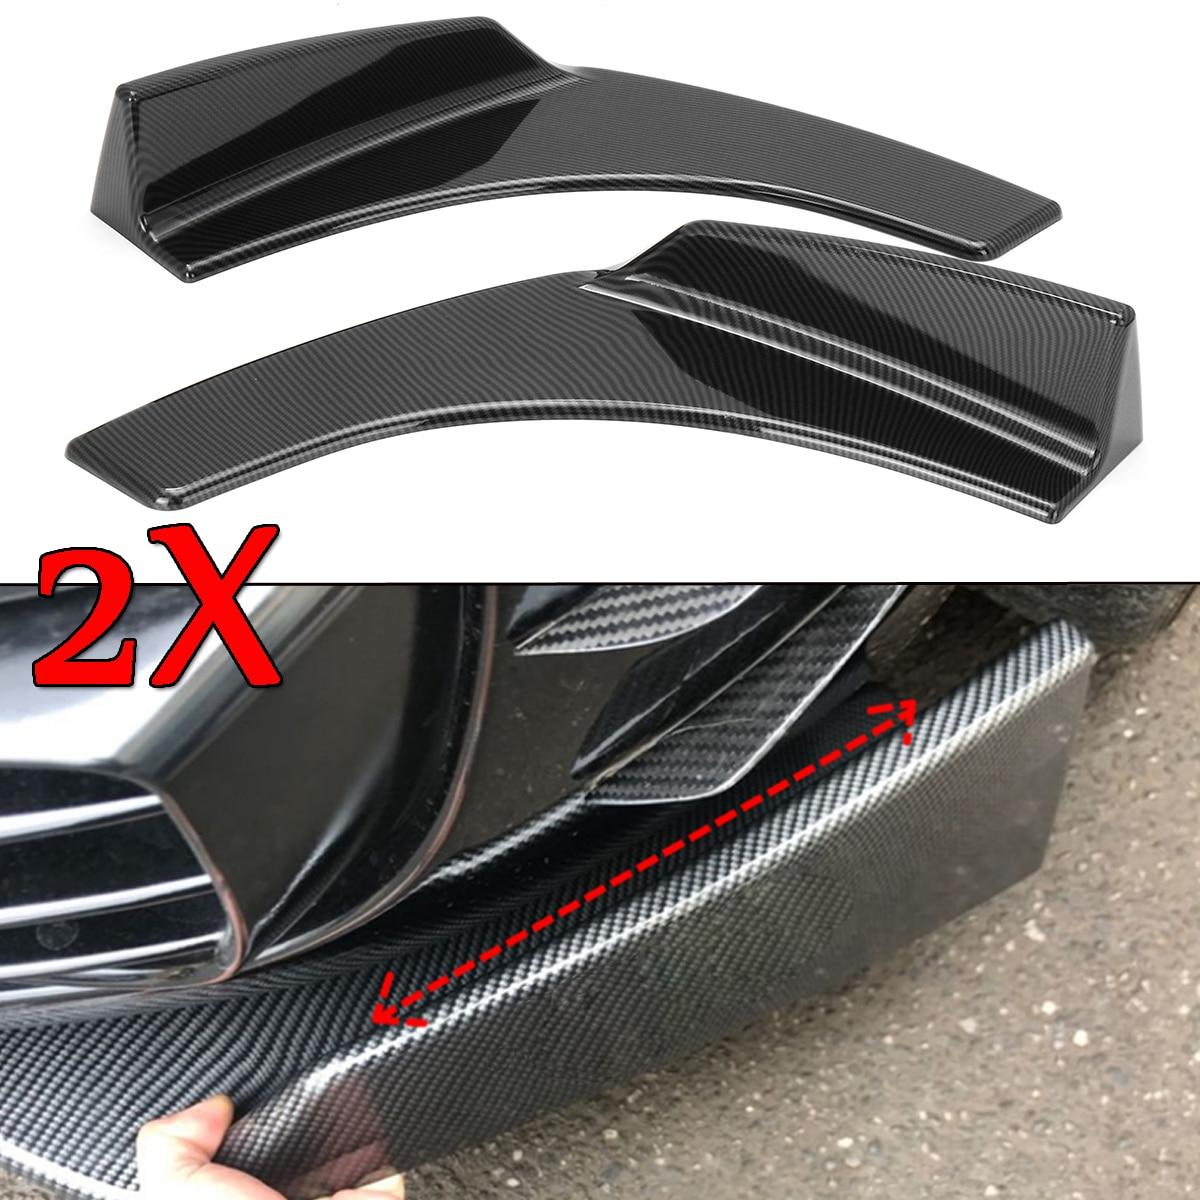 Um par de fibra carbono olhar/preto universal amortecedor dianteiro do carro splitter lábio pára-choques defletor spoiler difusor canard lábio proteção